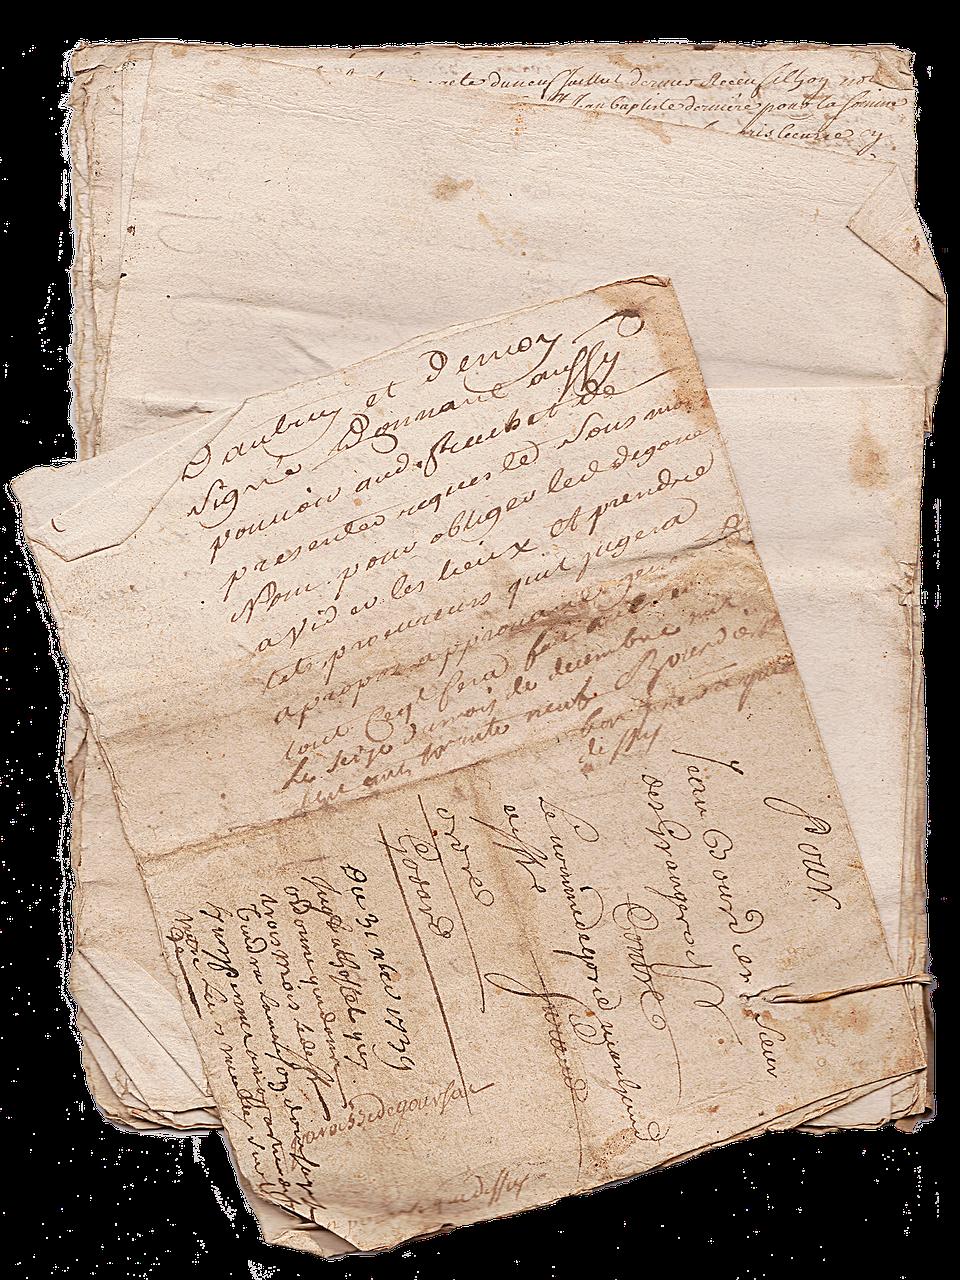 Old Paper Vintage Texture Document Parchment Free Photo